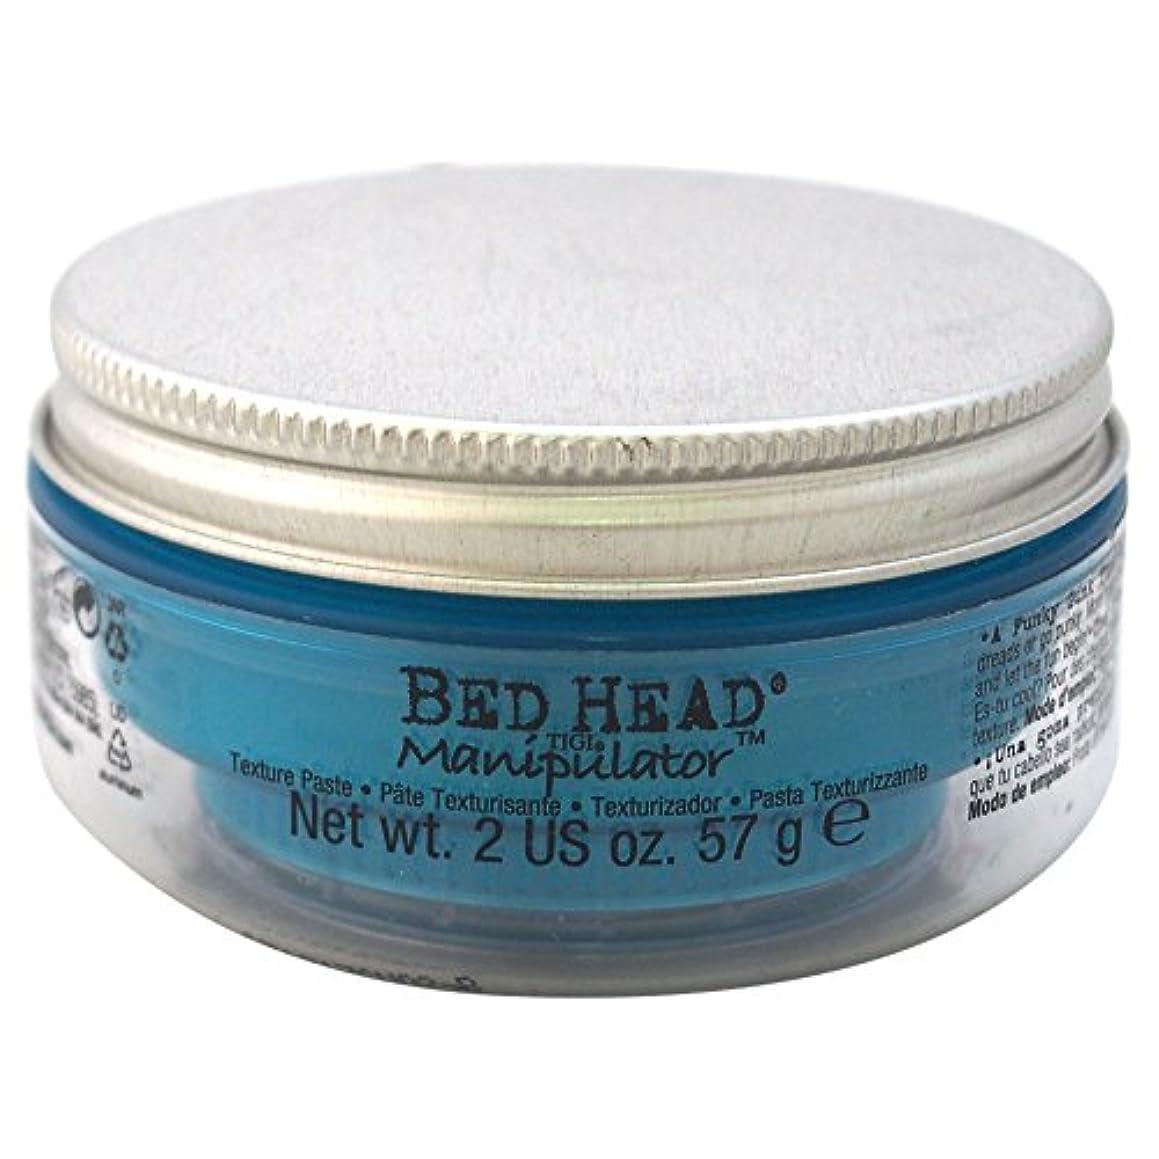 ピンポイントウールカードティジー ベッドヘッドマニピュレーター テキシチヤ ペースト Tigi Bed Head Manipulator Texture Paste 57 ml [並行輸入品]